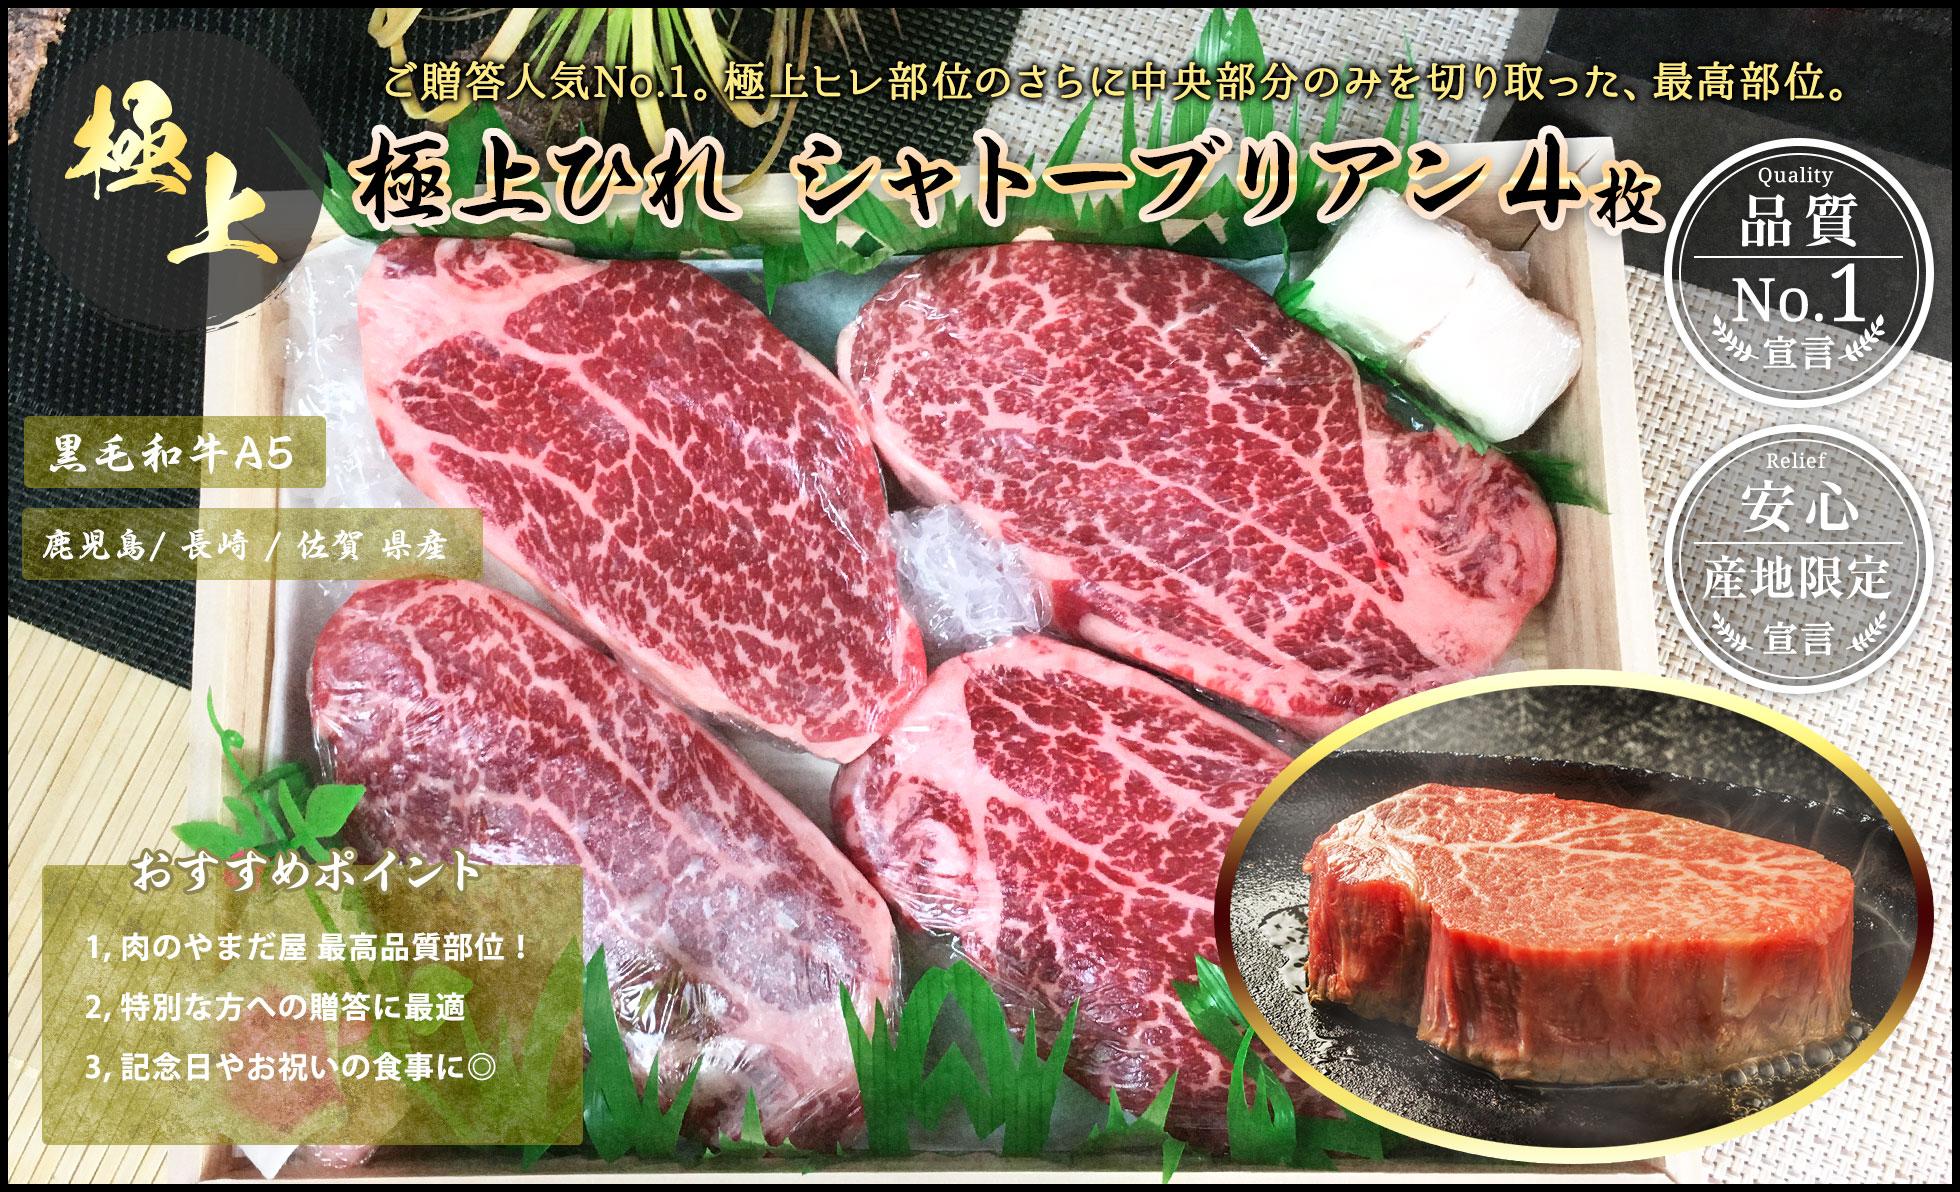 九州産黒毛和牛A5ランク シャトーブリアン 贈答 ギフト お取り寄せグルメ 人気 ひれステーキ